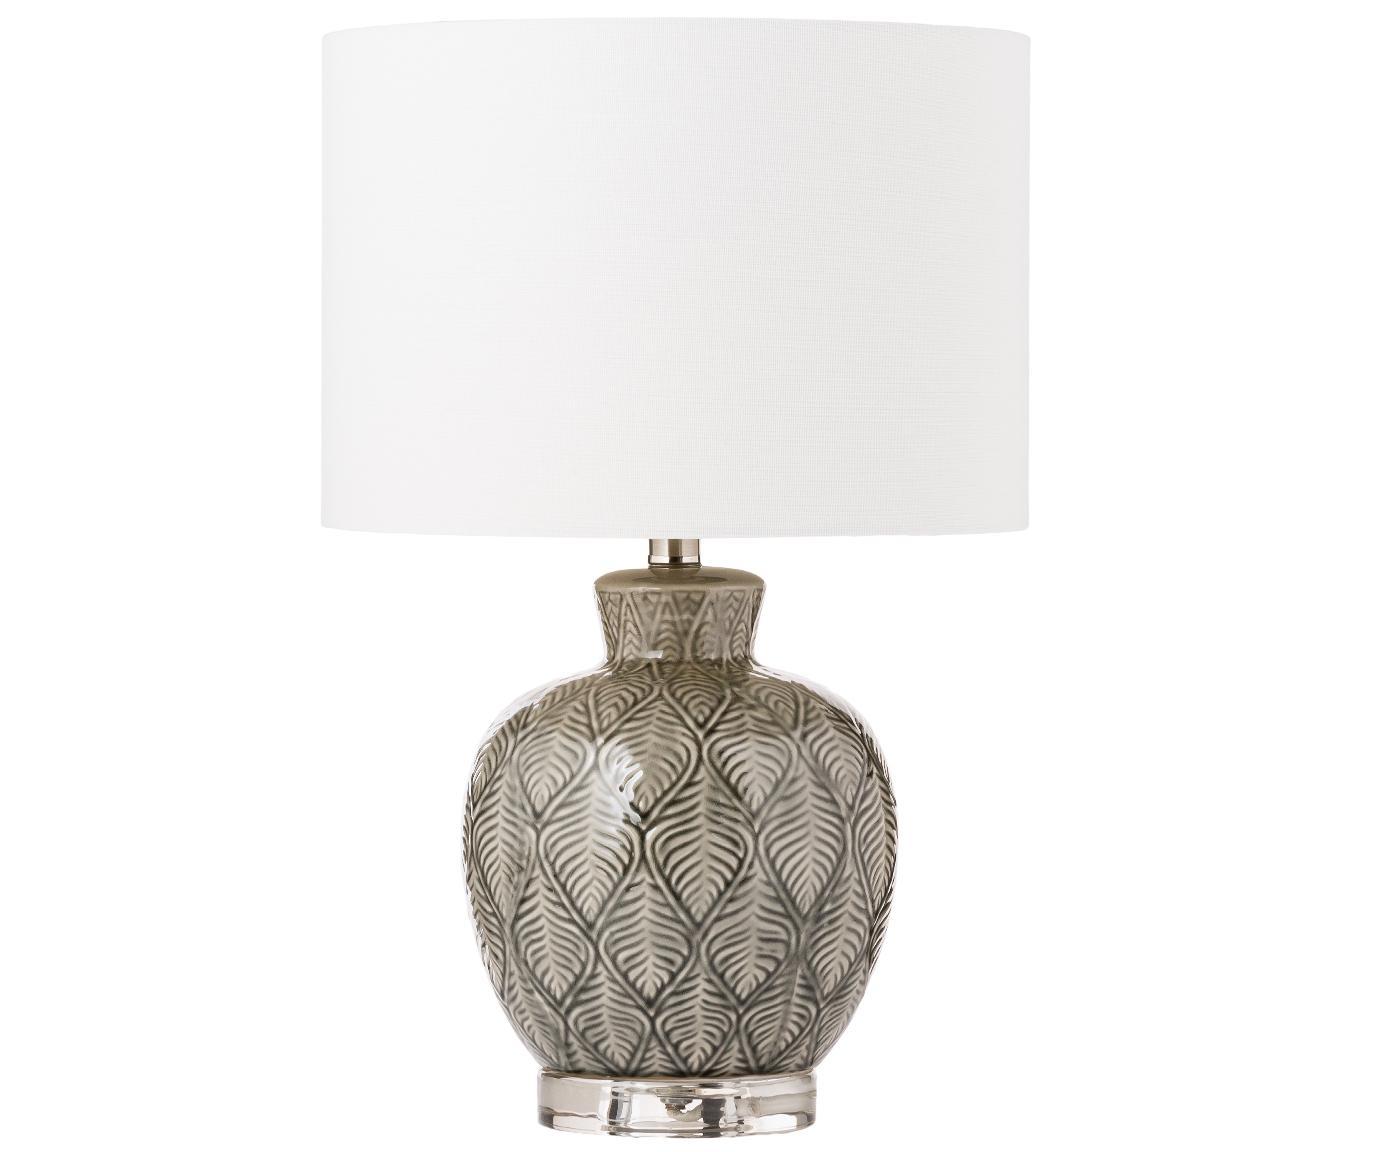 Keramik-Tischleuchte Brooklyn im Boho-Style, Lampenschirm: Textil, Lampenfuß: Keramik, Kristallglas, Weiß, Grau, Ø 33 x H 53 cm